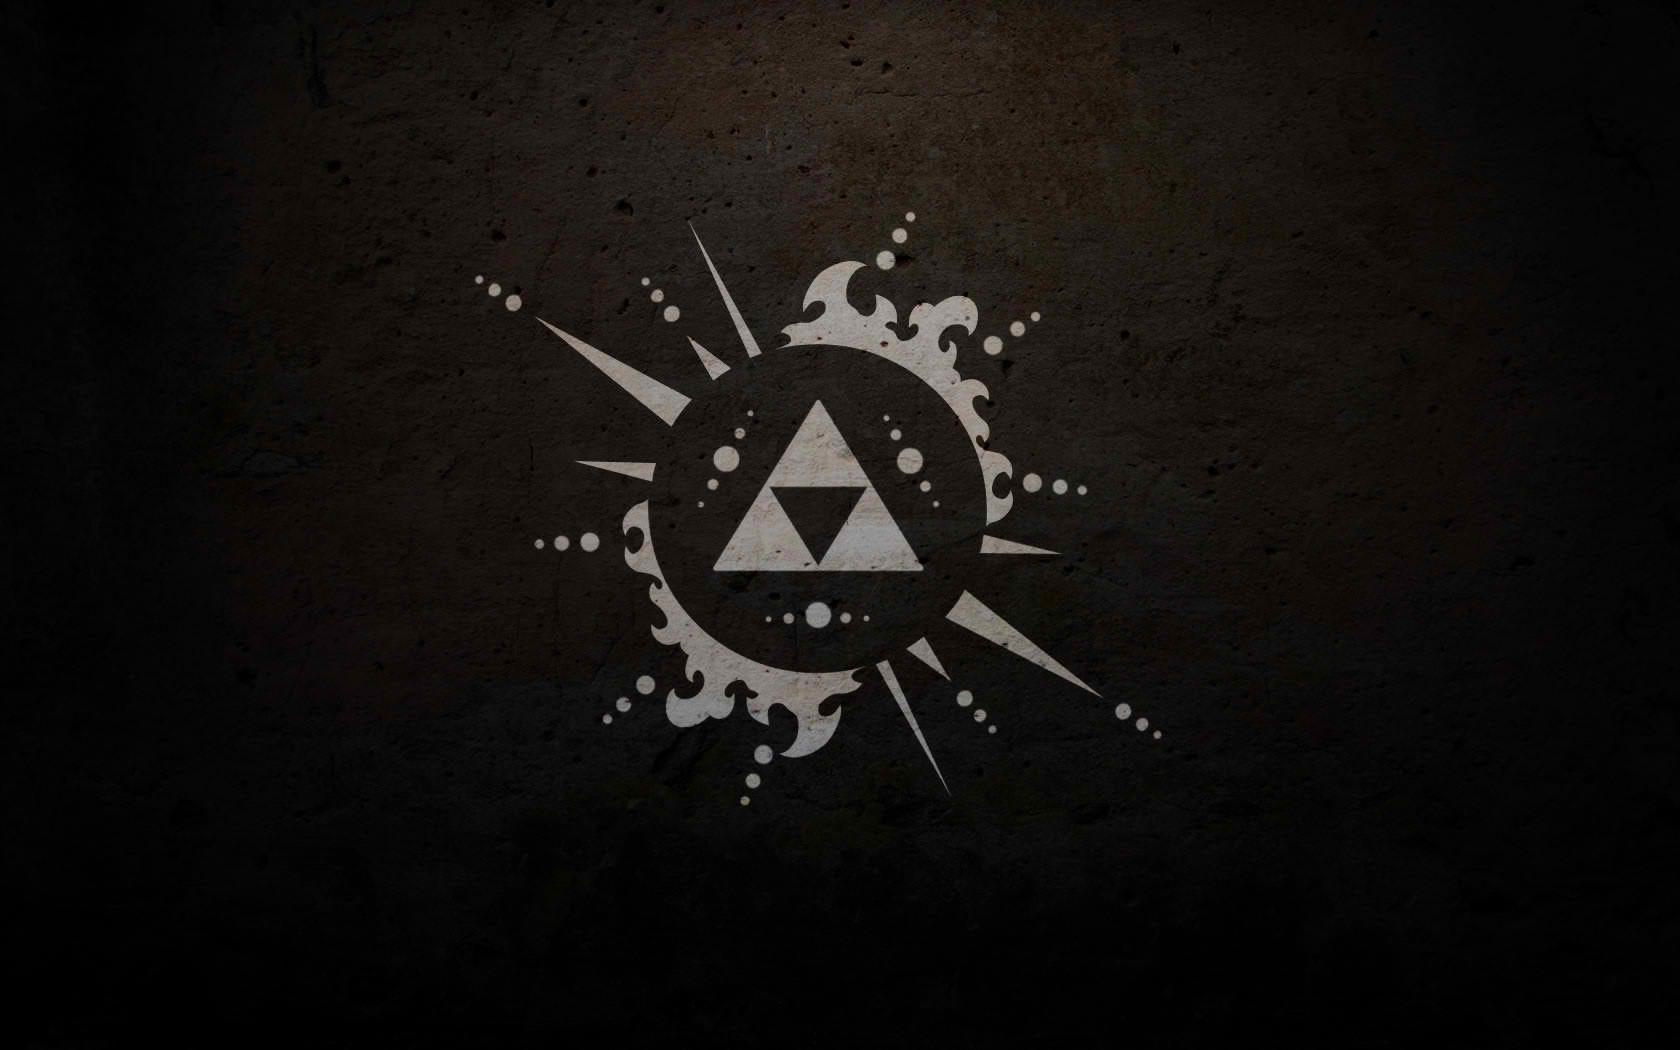 La leyenda de Zelda logo - 1680x1050